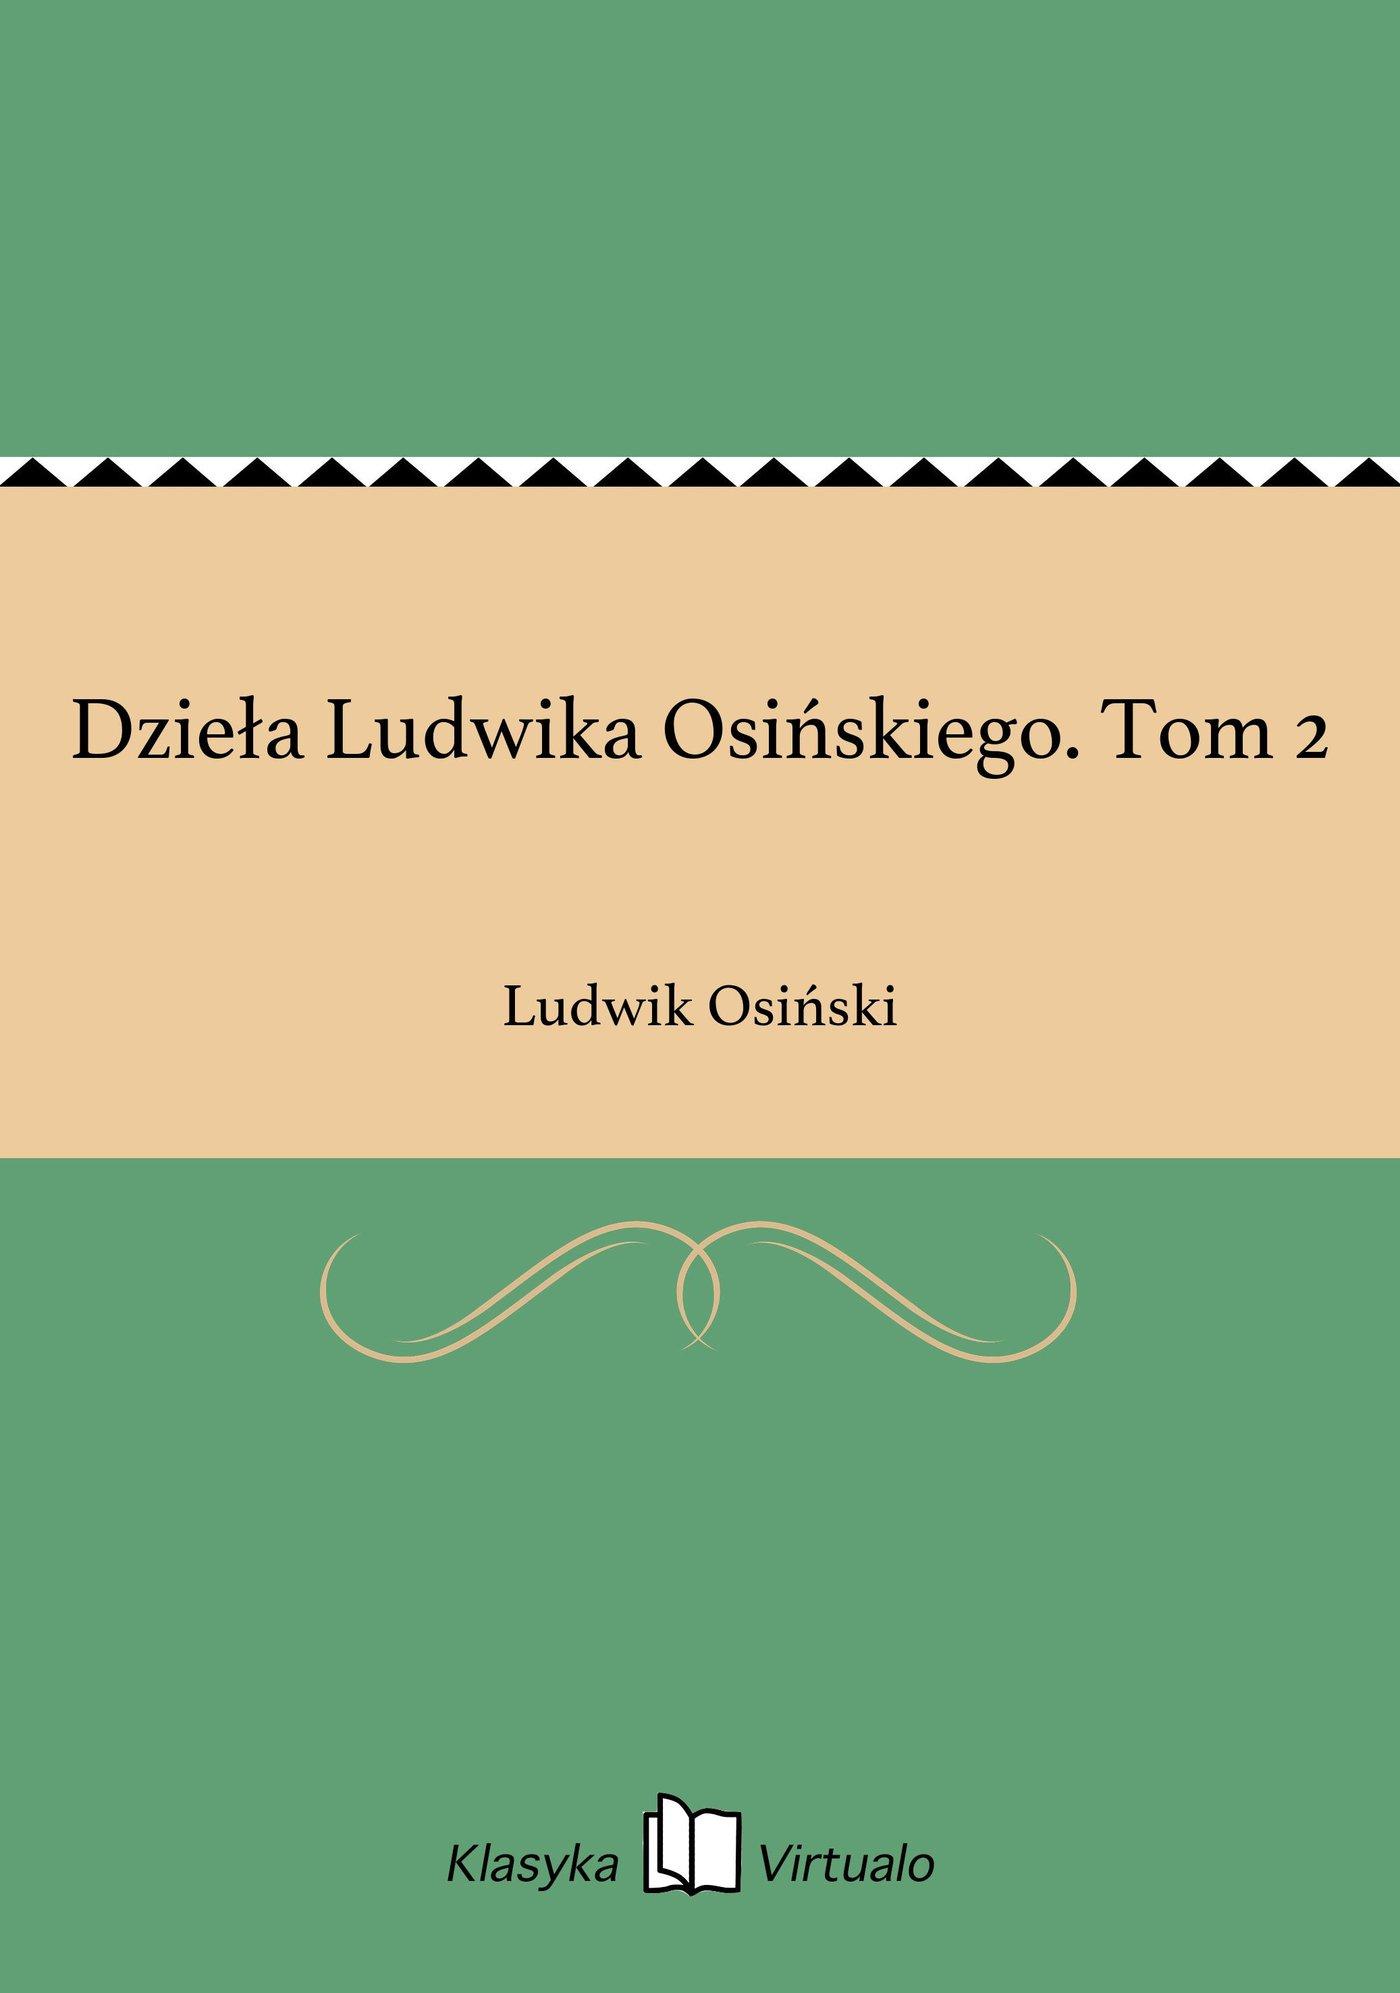 Dzieła Ludwika Osińskiego. Tom 2 - Ebook (Książka EPUB) do pobrania w formacie EPUB